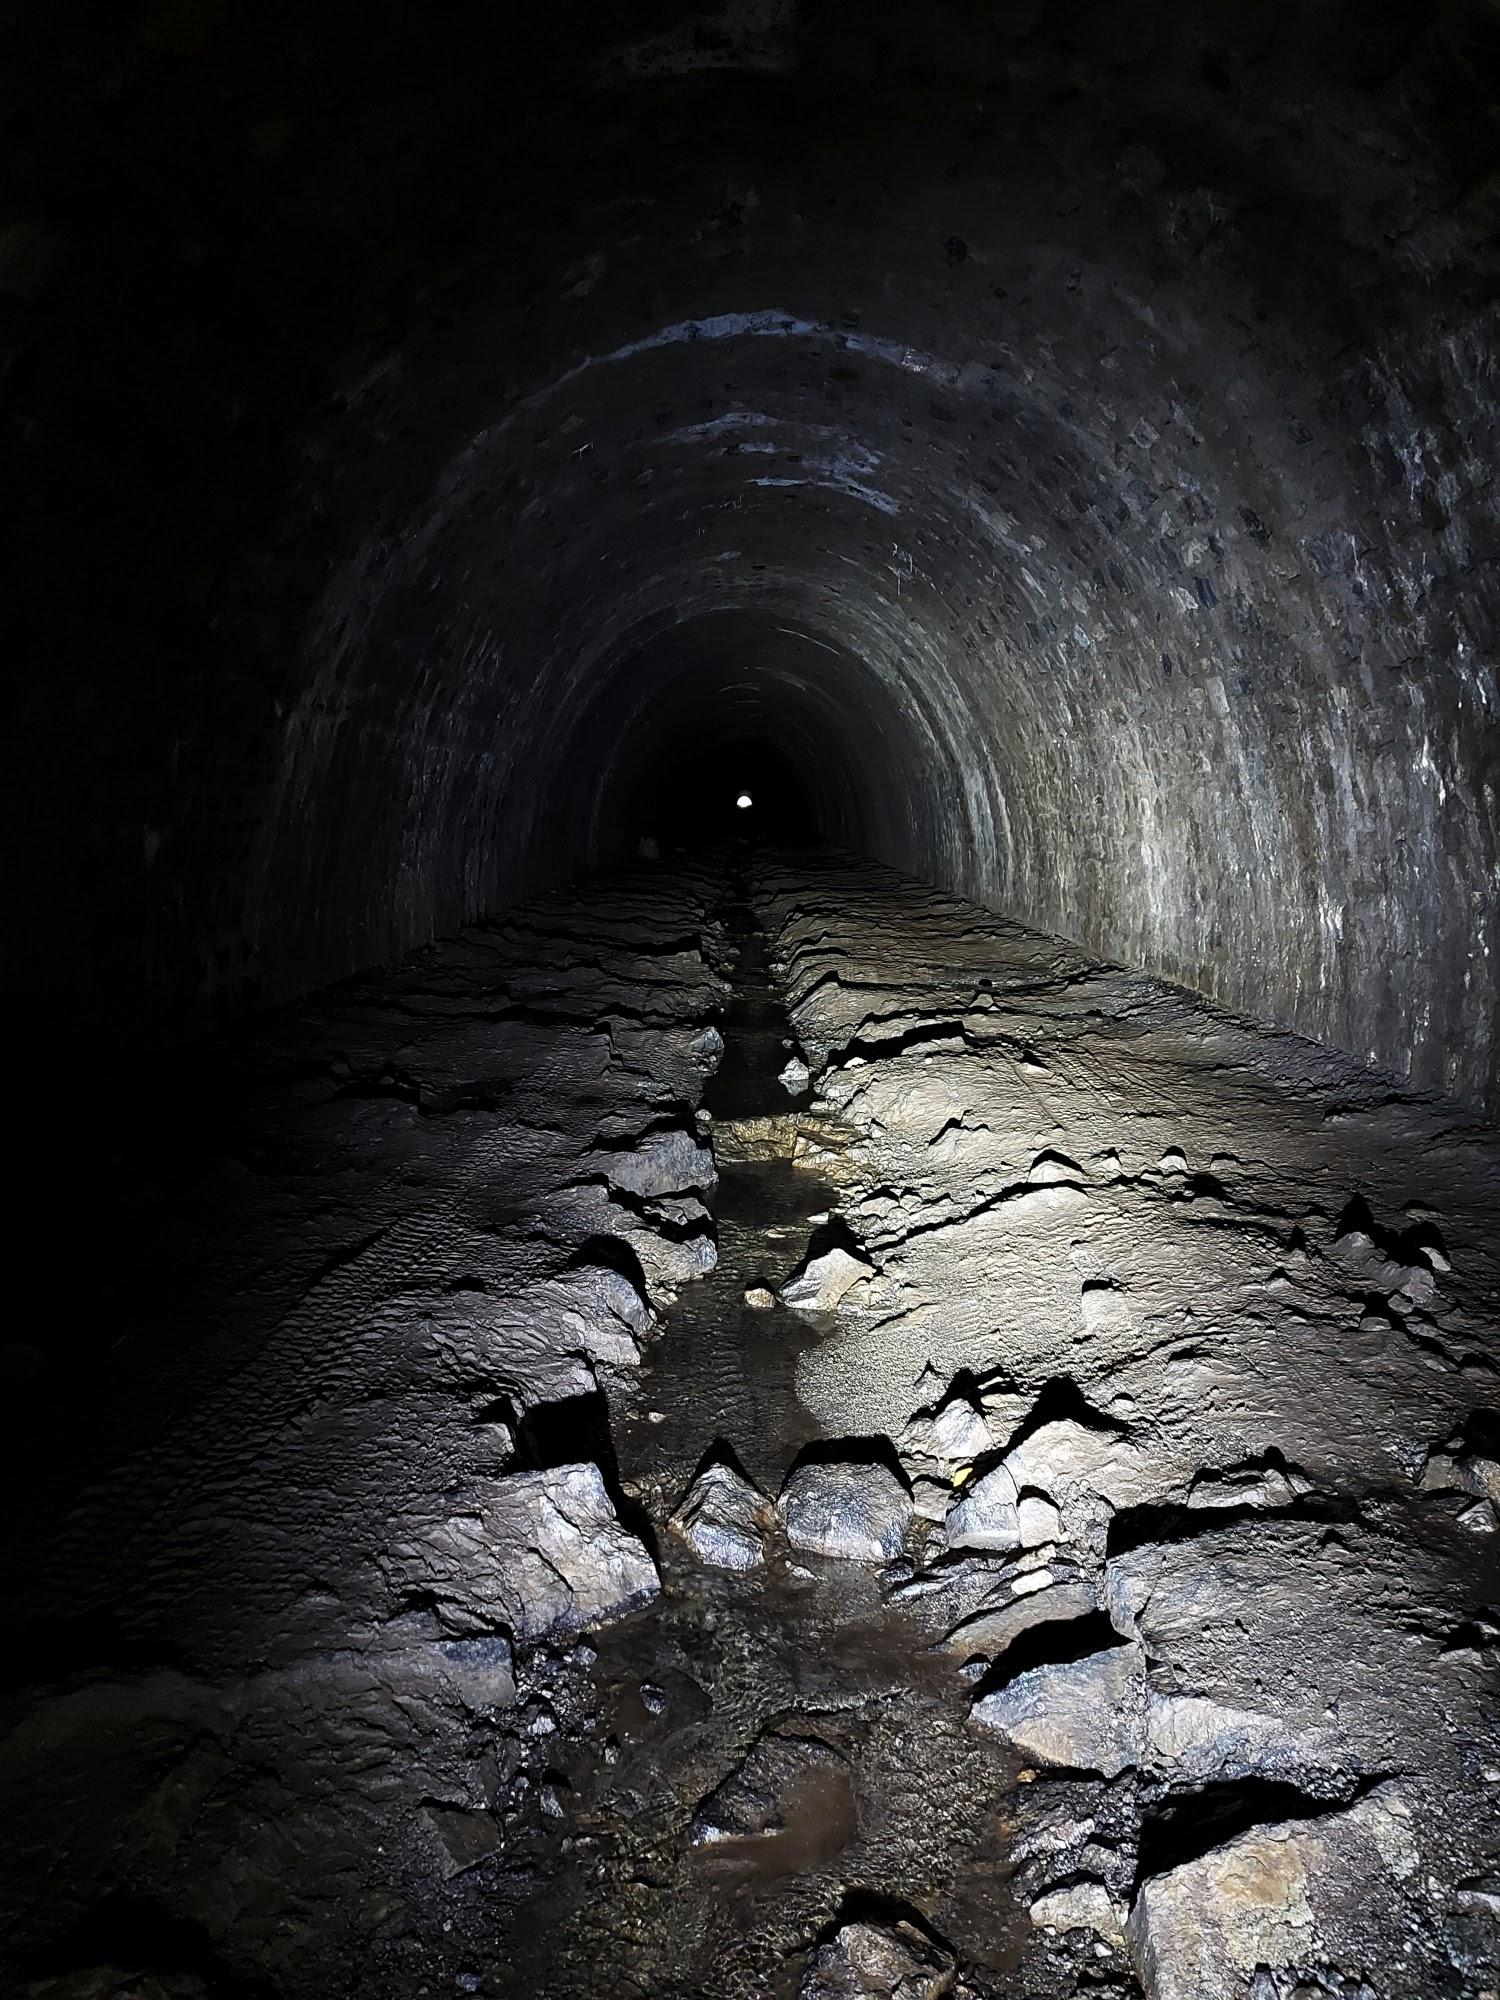 Auf den letzten ca. 1,5 Kilometern verläuft der Tunnel gerade ohne Kurve. Der ausgang ist schon zu sehen, aber noch immer knapp 20 Minuten entfernt.